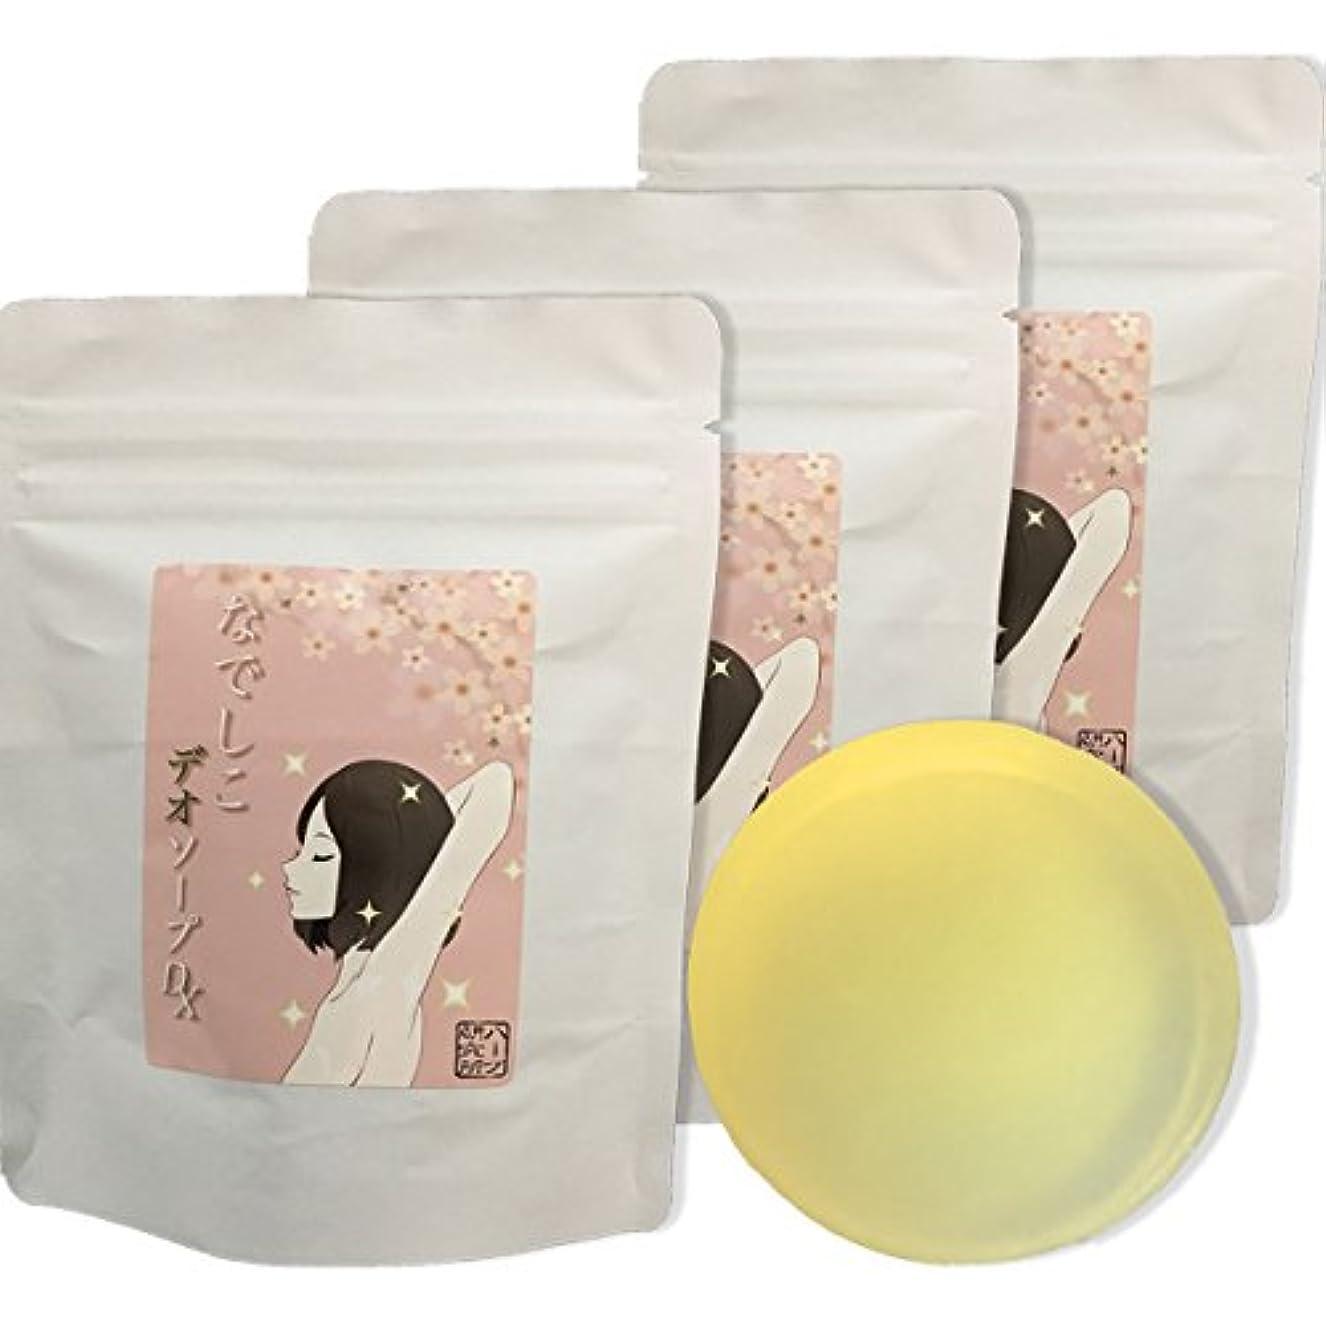 予約赤ちゃん修理工気になる黒ずみ&体臭対策に!なでしこ デオソープDX ハーブエキス + 柿渋配合 ハッカの香り3個で10%OFF